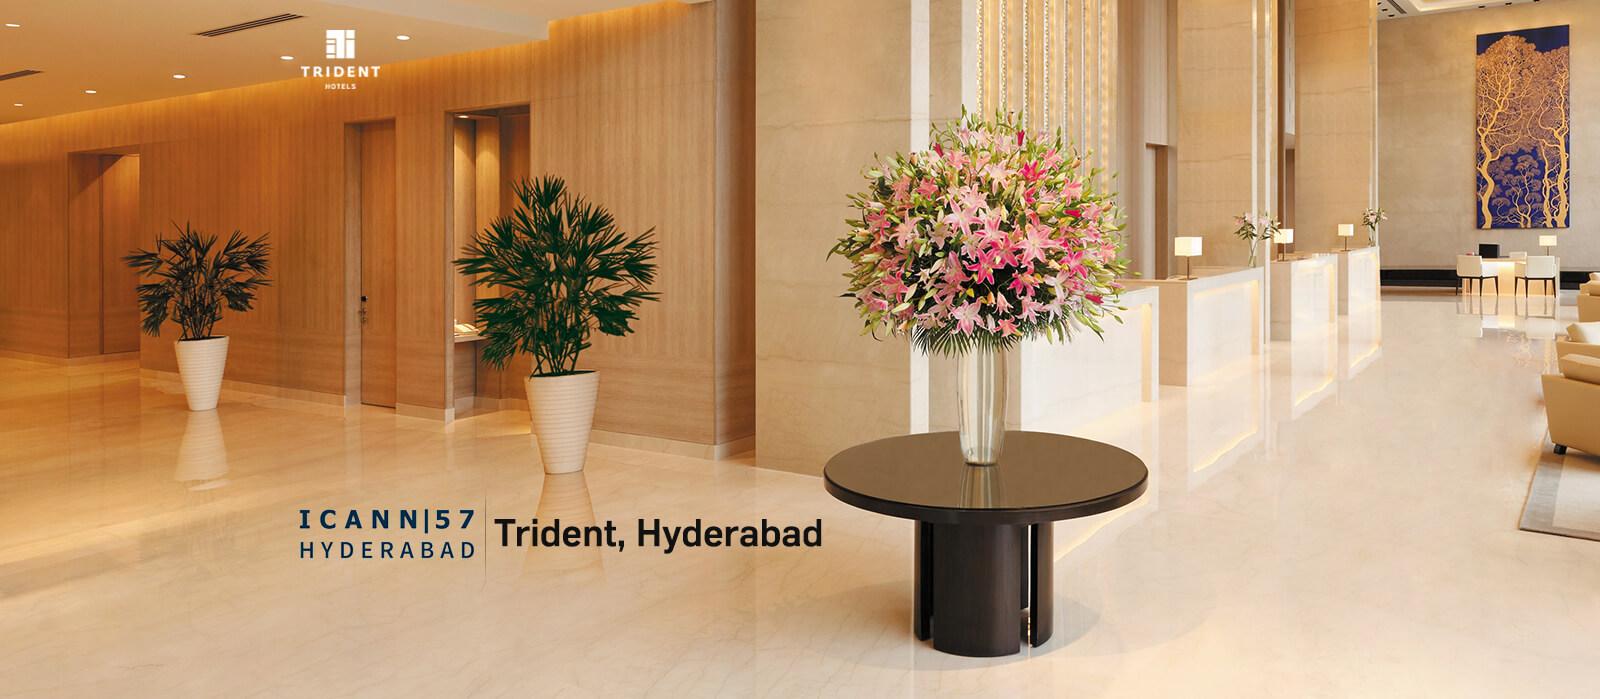 Trident, Hyderabad | Trident Hotels